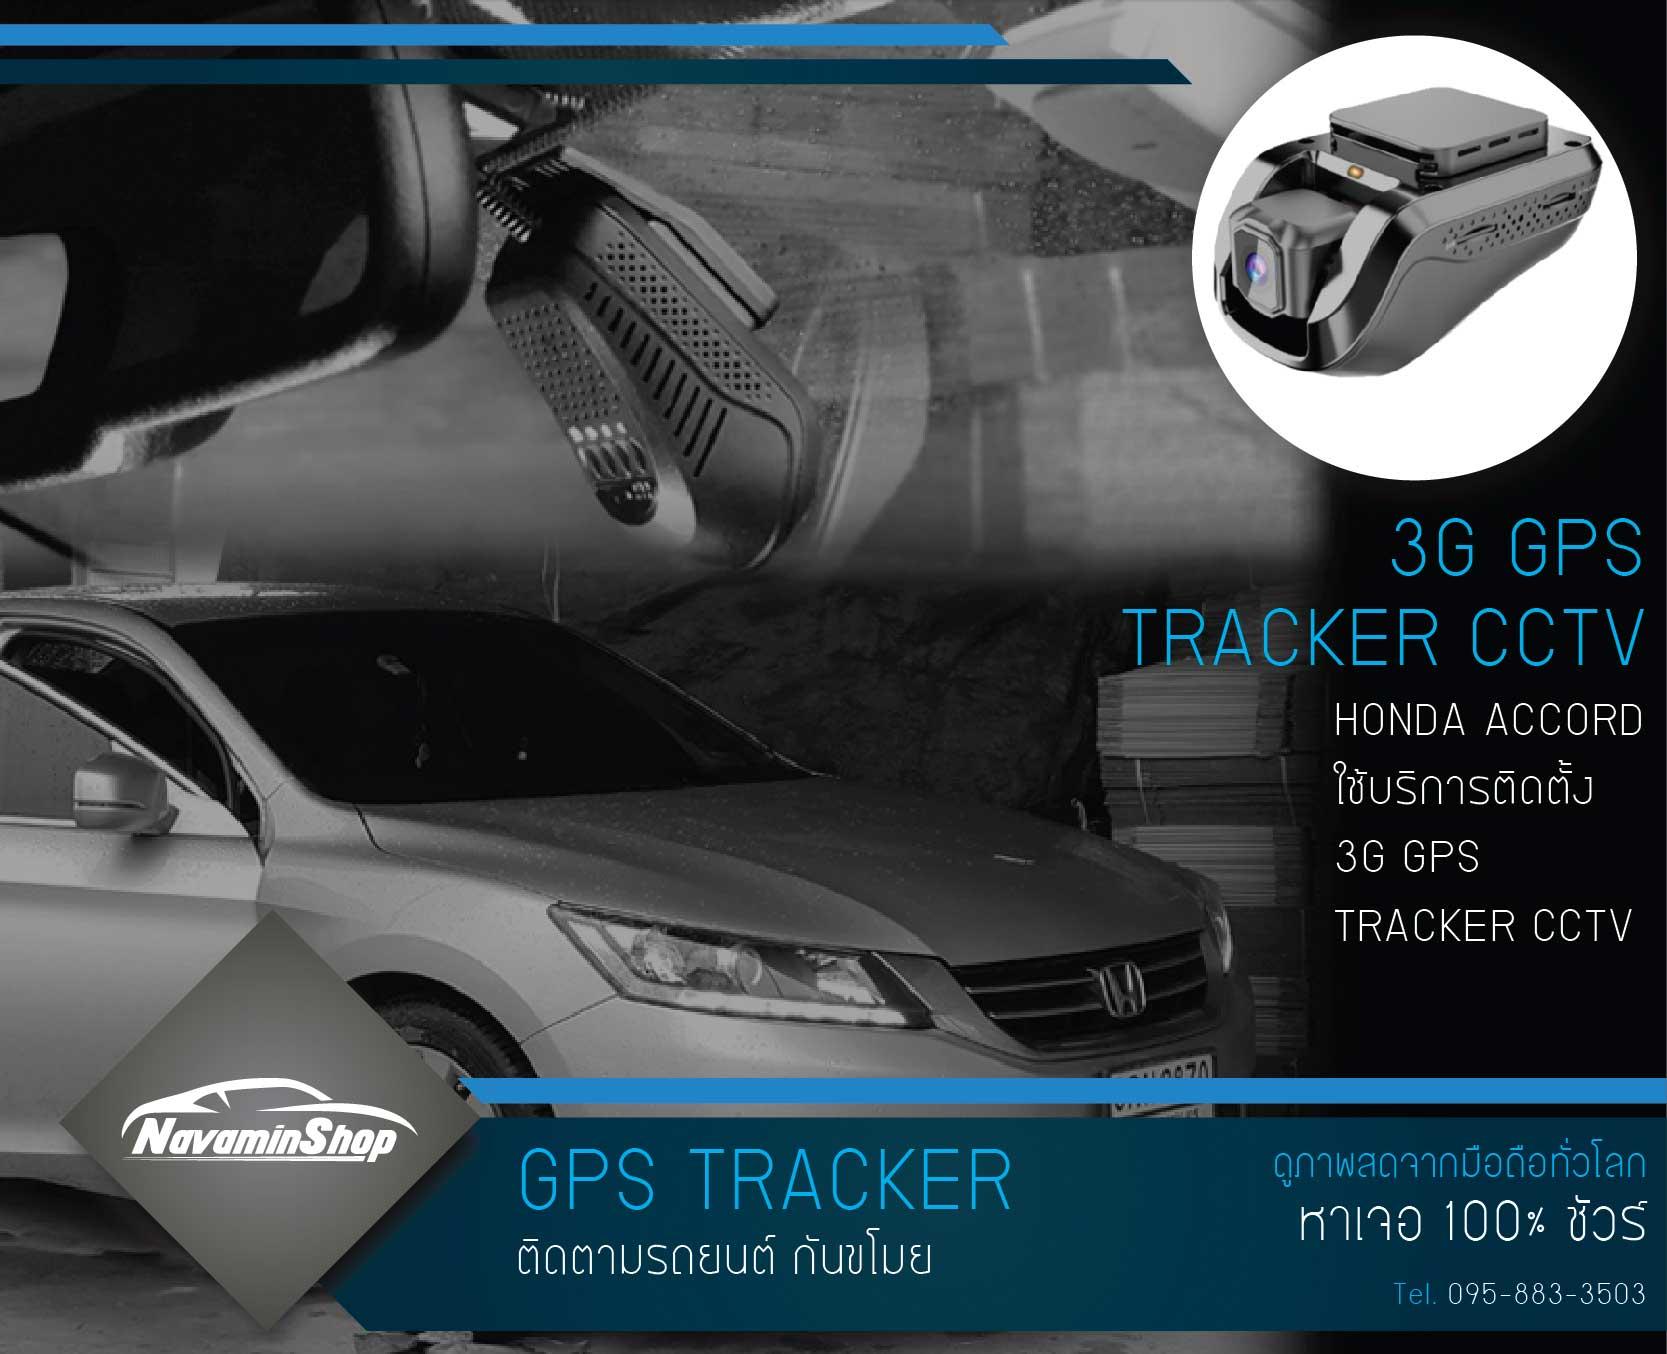 ผลงานการติดตั้งกล้องติดรถยนต์3G TRACKER CCTV ออนไลน์ผ่านมือถือทั่วโลก